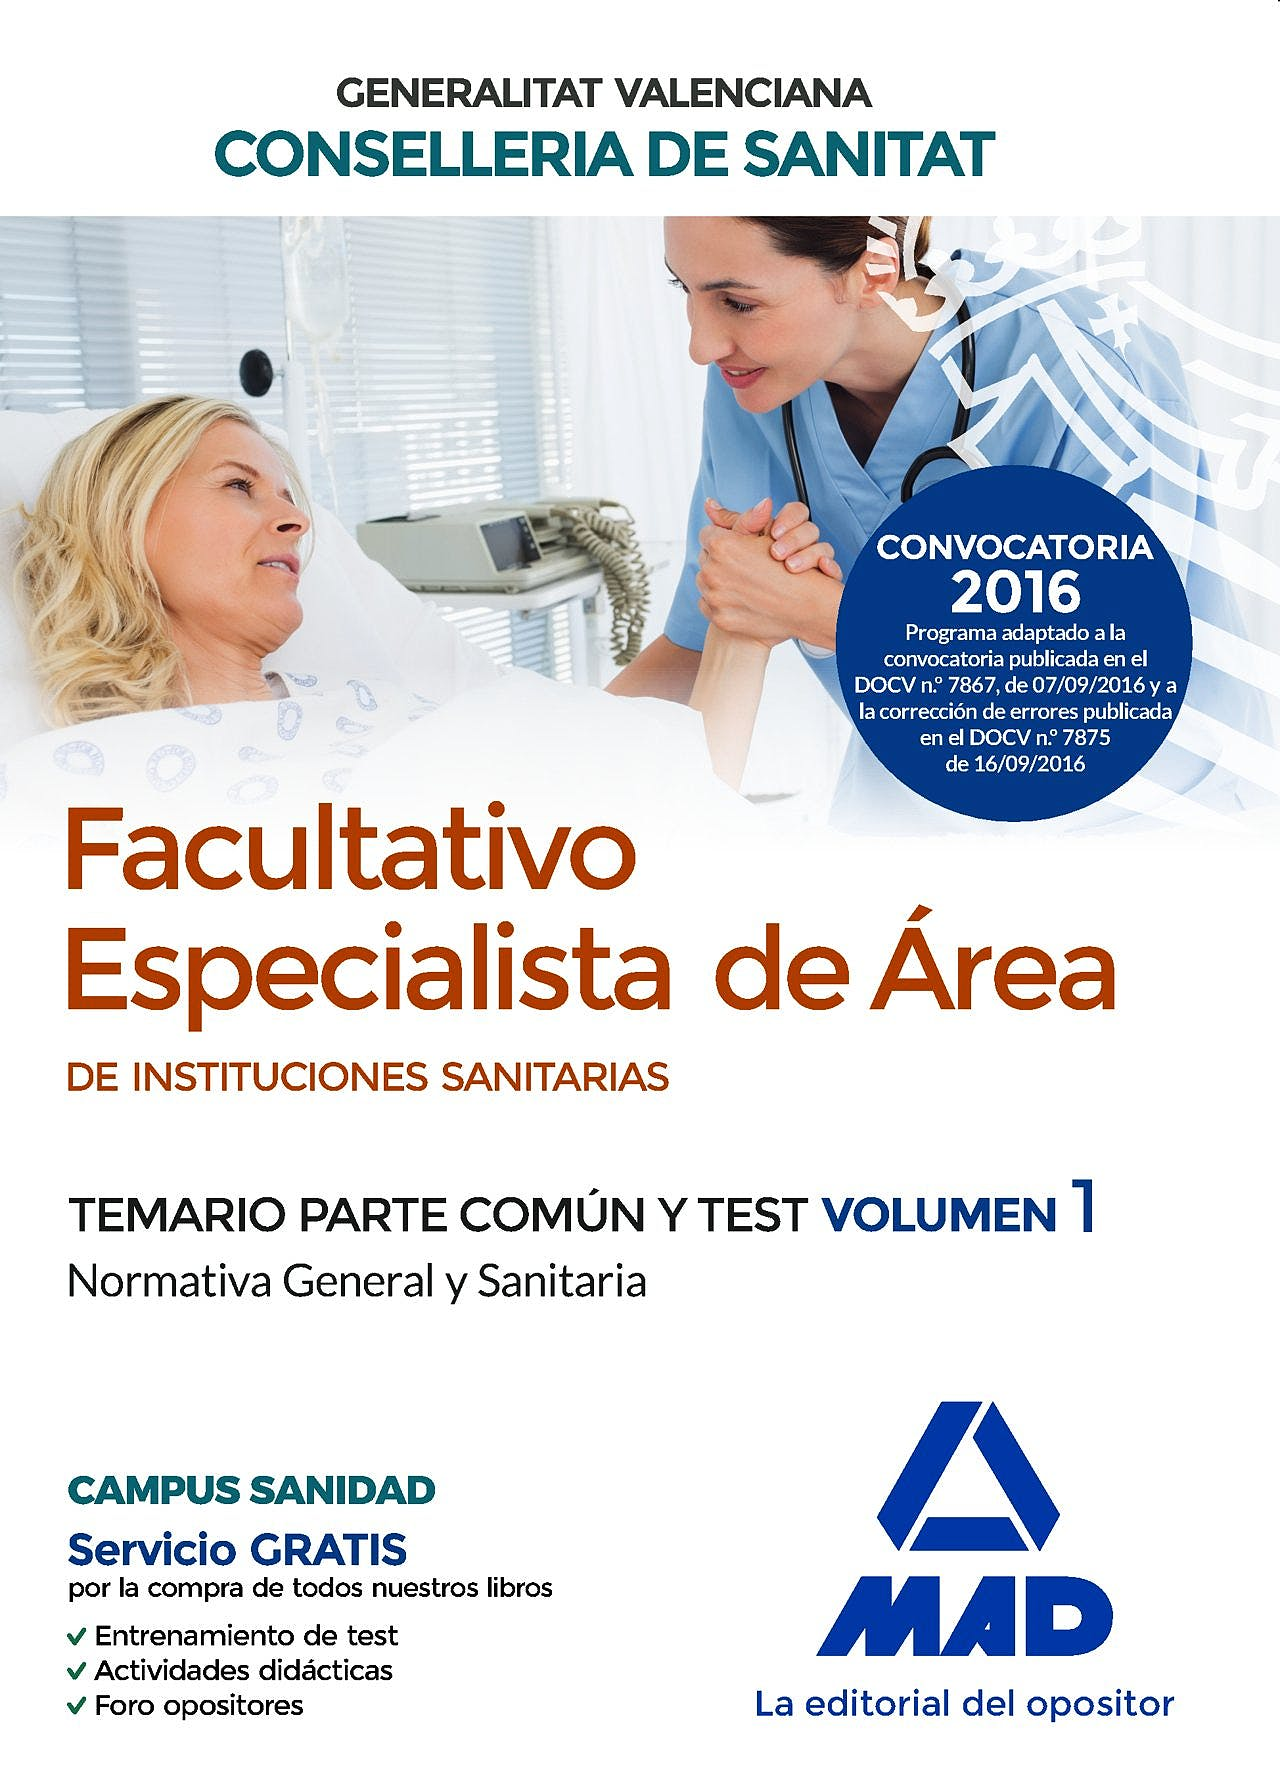 Portada del libro 9788414200766 Facultativo Especialista de Area de Instituciones Sanitarias Generalitat Valenciana Conselleria de Sanitat. Temario Parte Comun y Test, Vol. 1